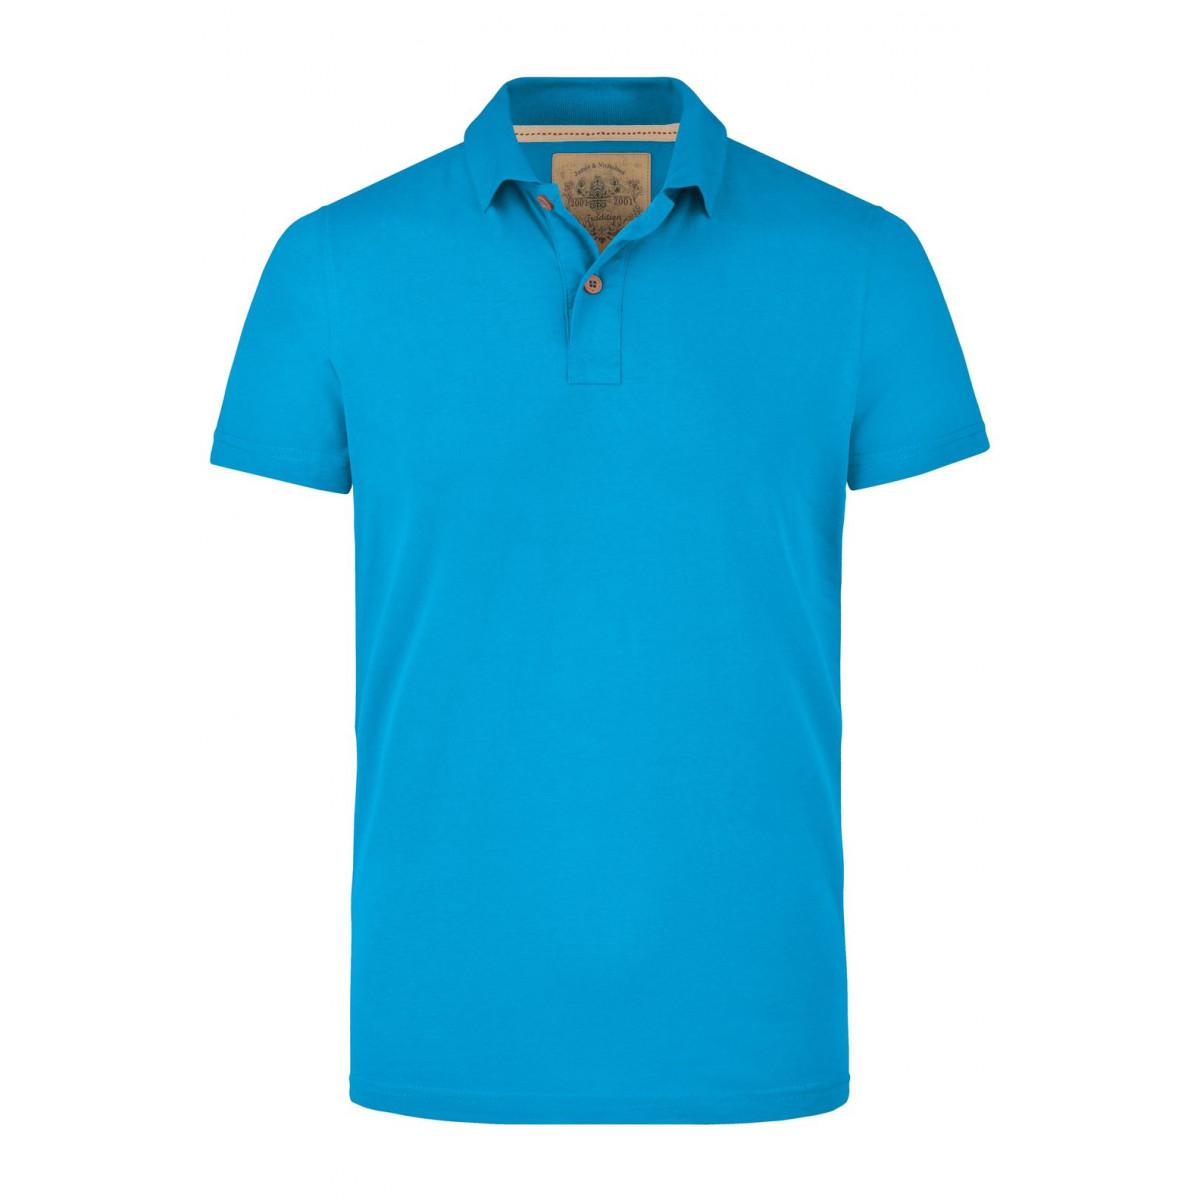 Рубашка поло мужская JN941 Mens Vintage Polo - Бирюзовый